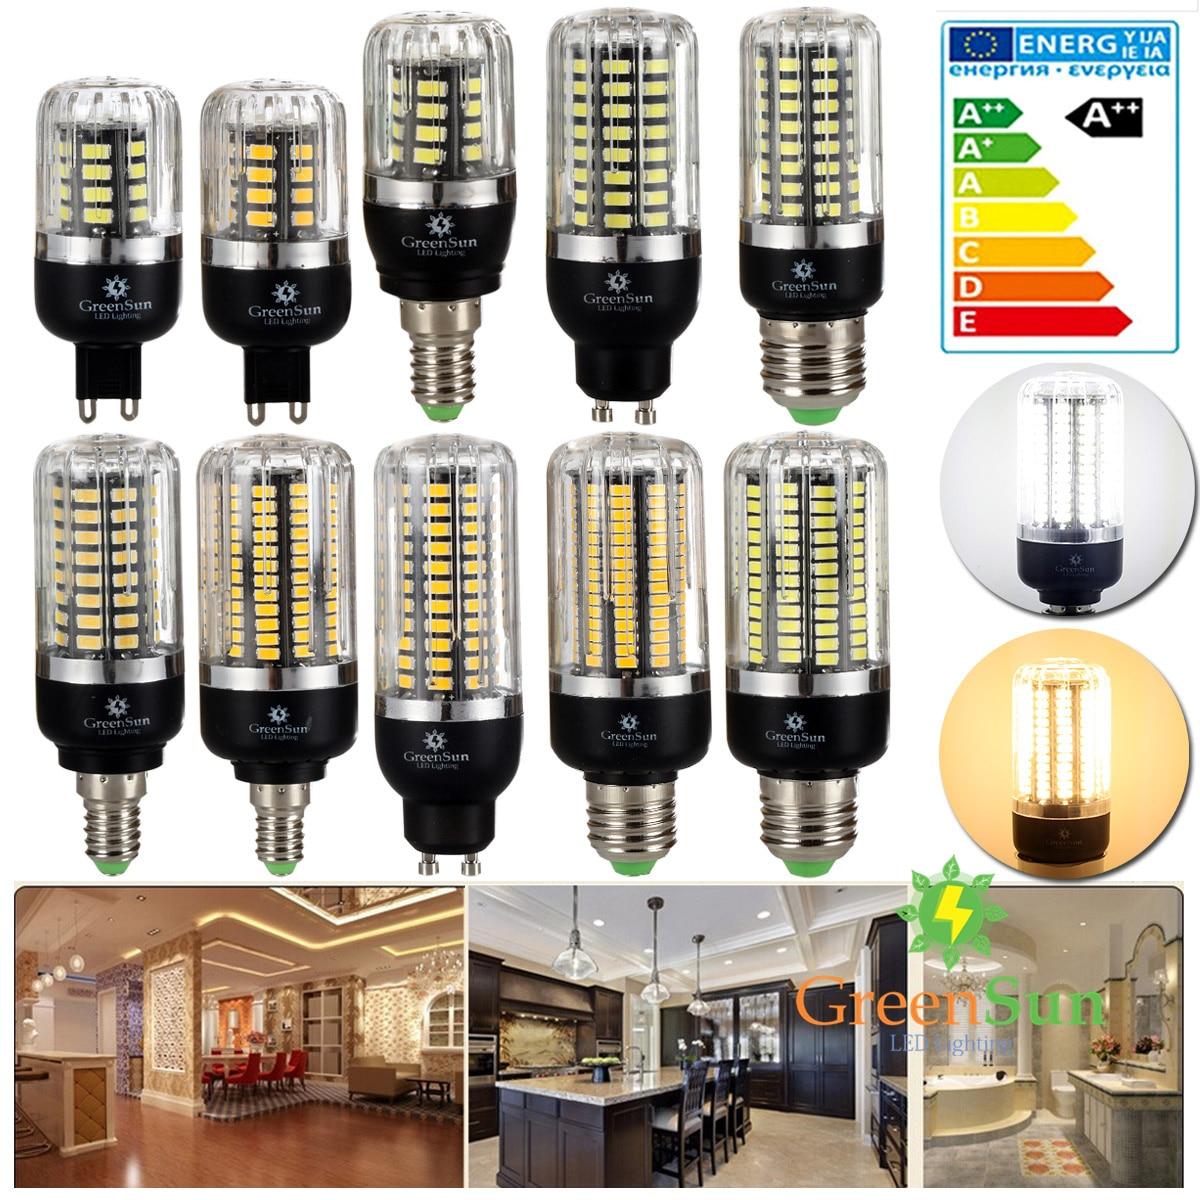 High Lumens 5736 SMD LED Corn Bulb Light E14 E27 G9 GU10 3W 5W 7W 9W 12W 15W LED Spot Light Lamp 220V Energy Saving 6pcs sencart g9 1500lm 15w smd2835 180 led corn bulb